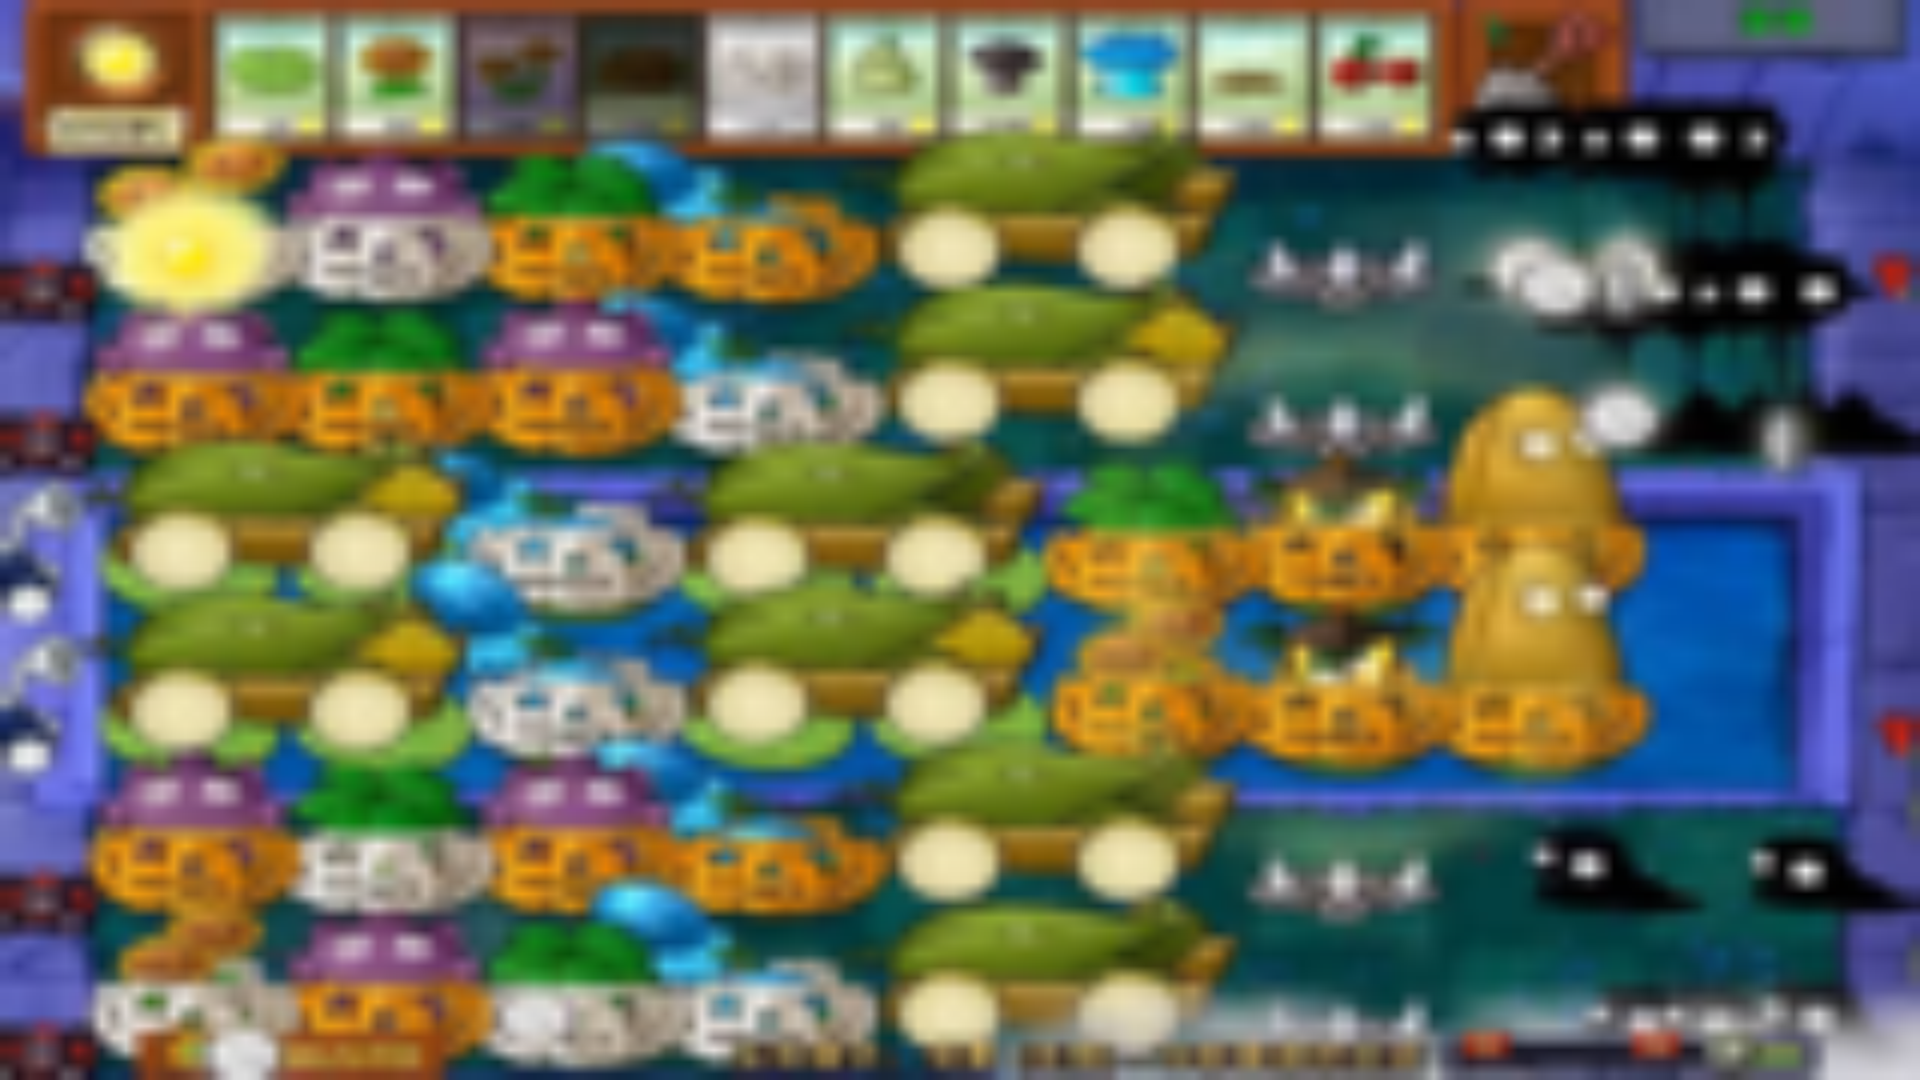 植物大战僵尸:尝鲜玩法,浓雾10炮阵的威力如何